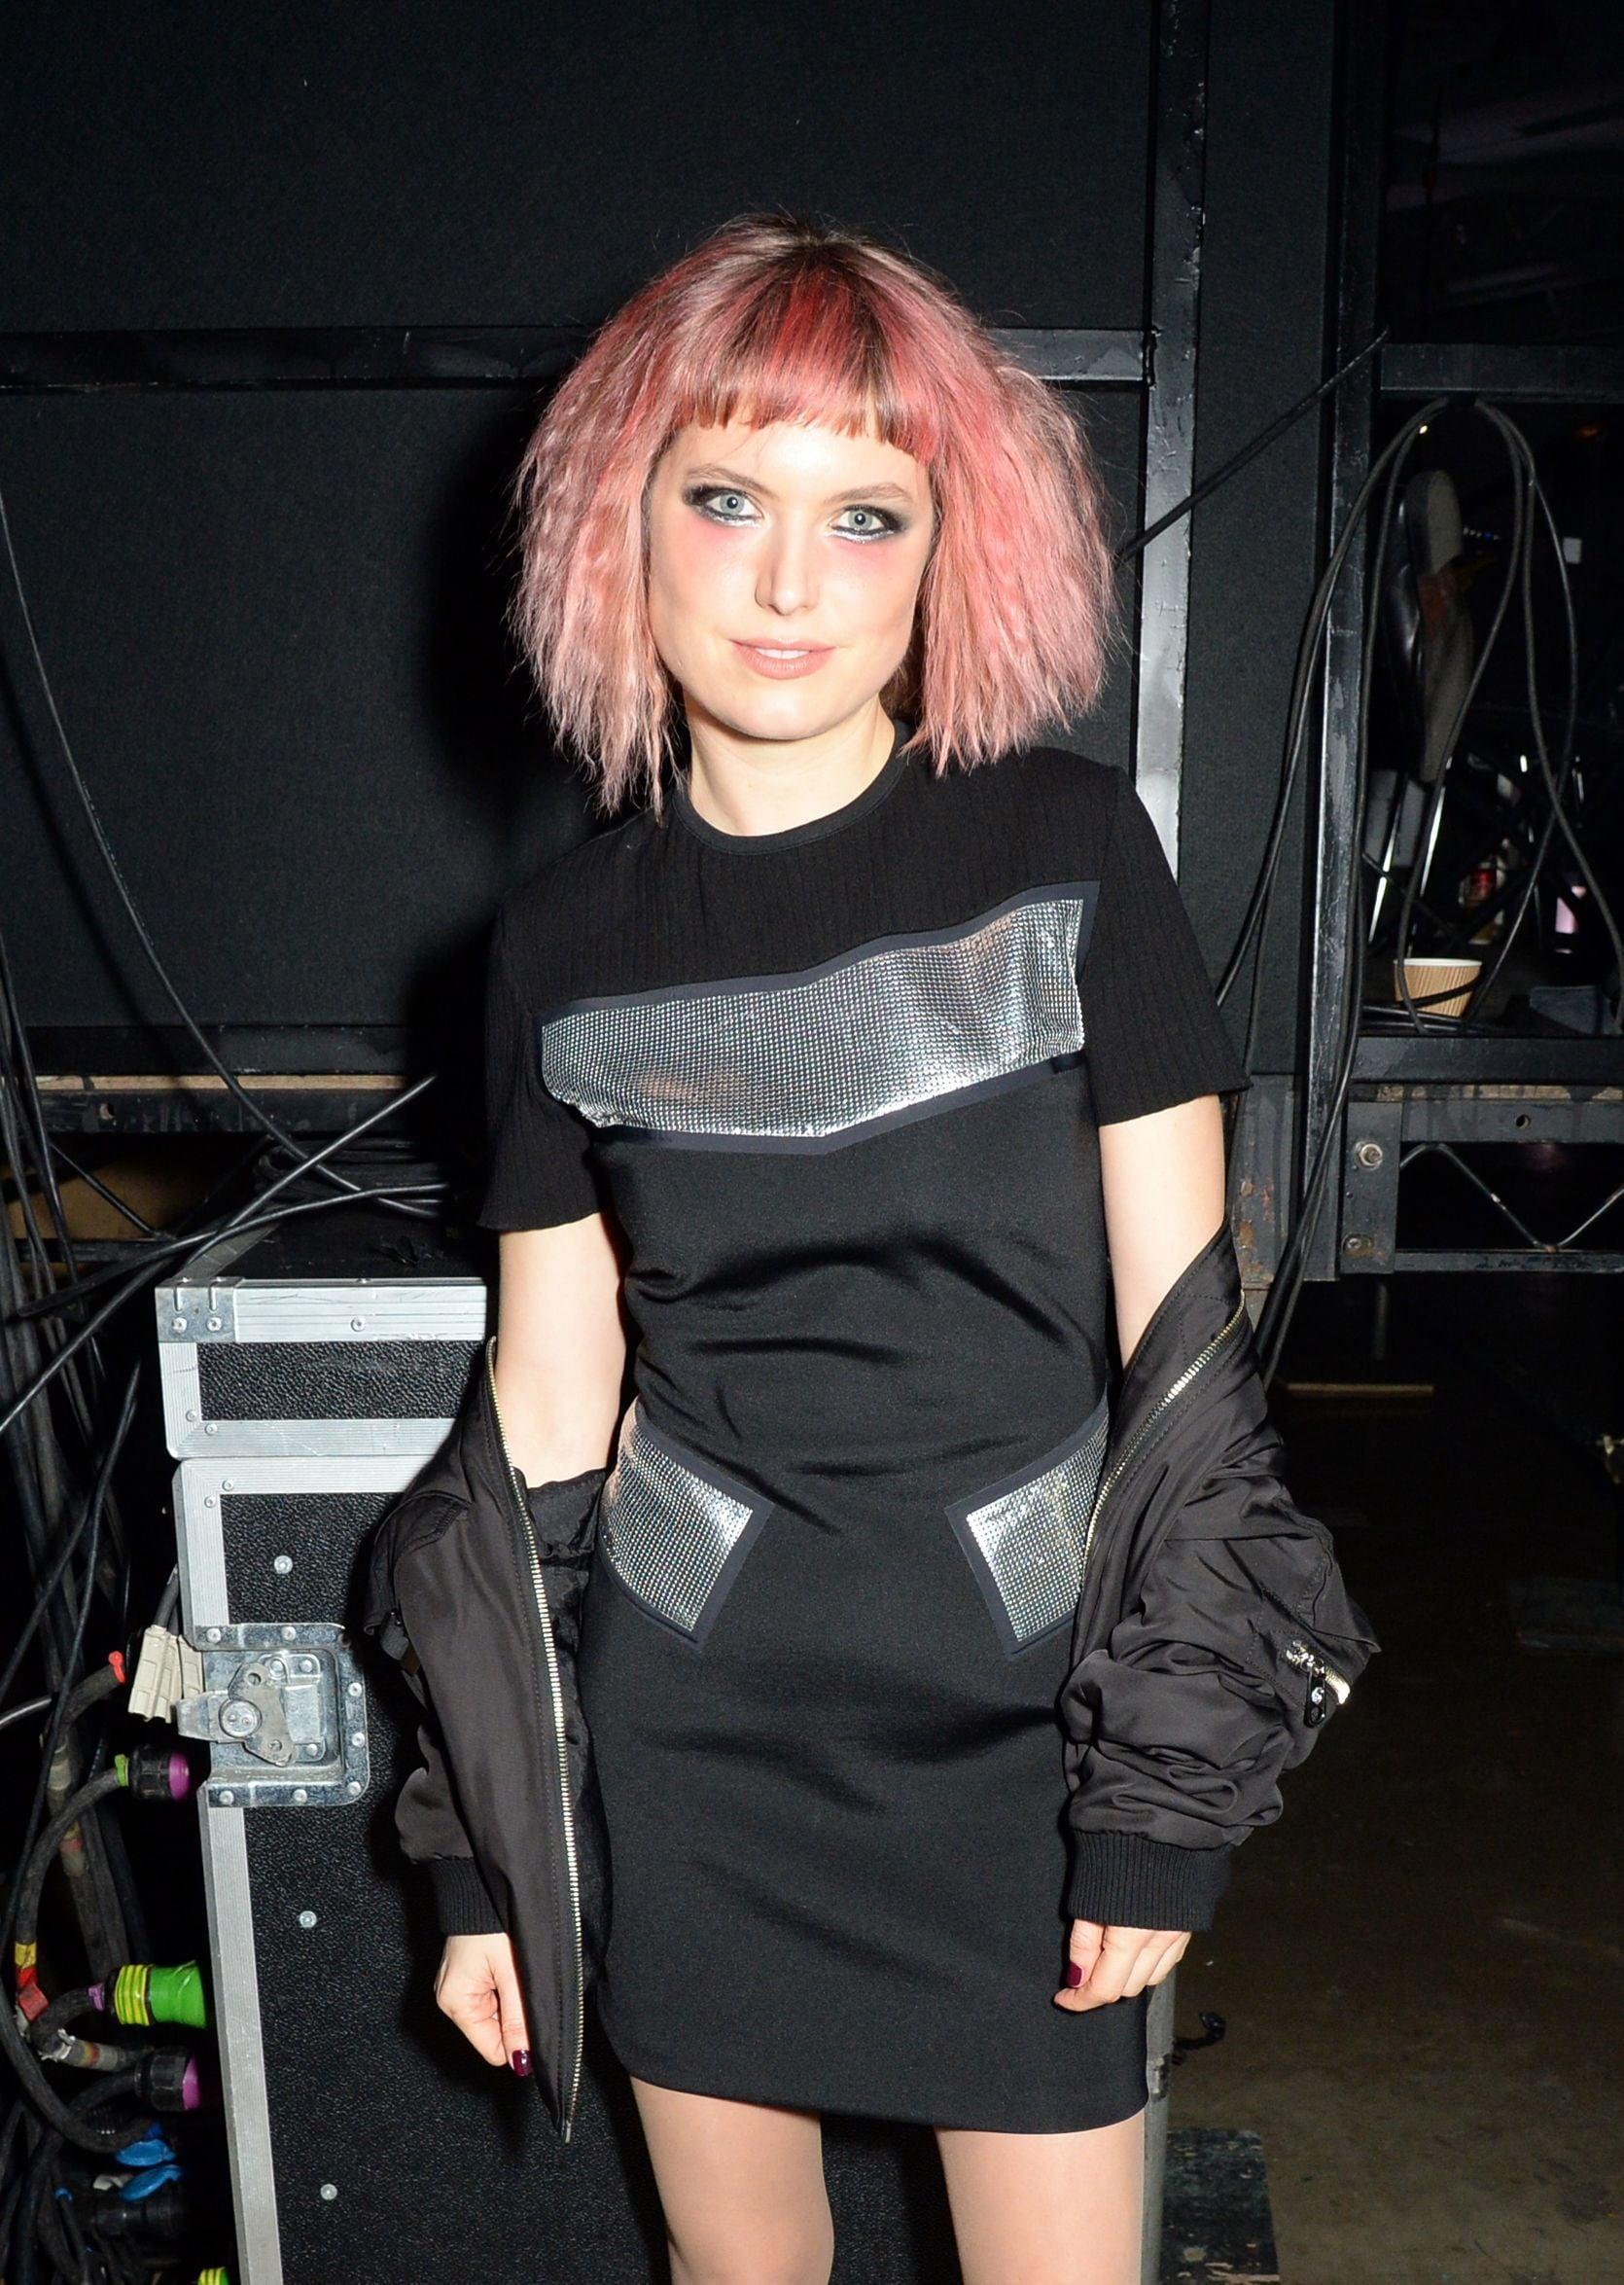 Mujer con cabello frizado sobre los hombros, lleva el flequillo lacio y está teñida de rosa